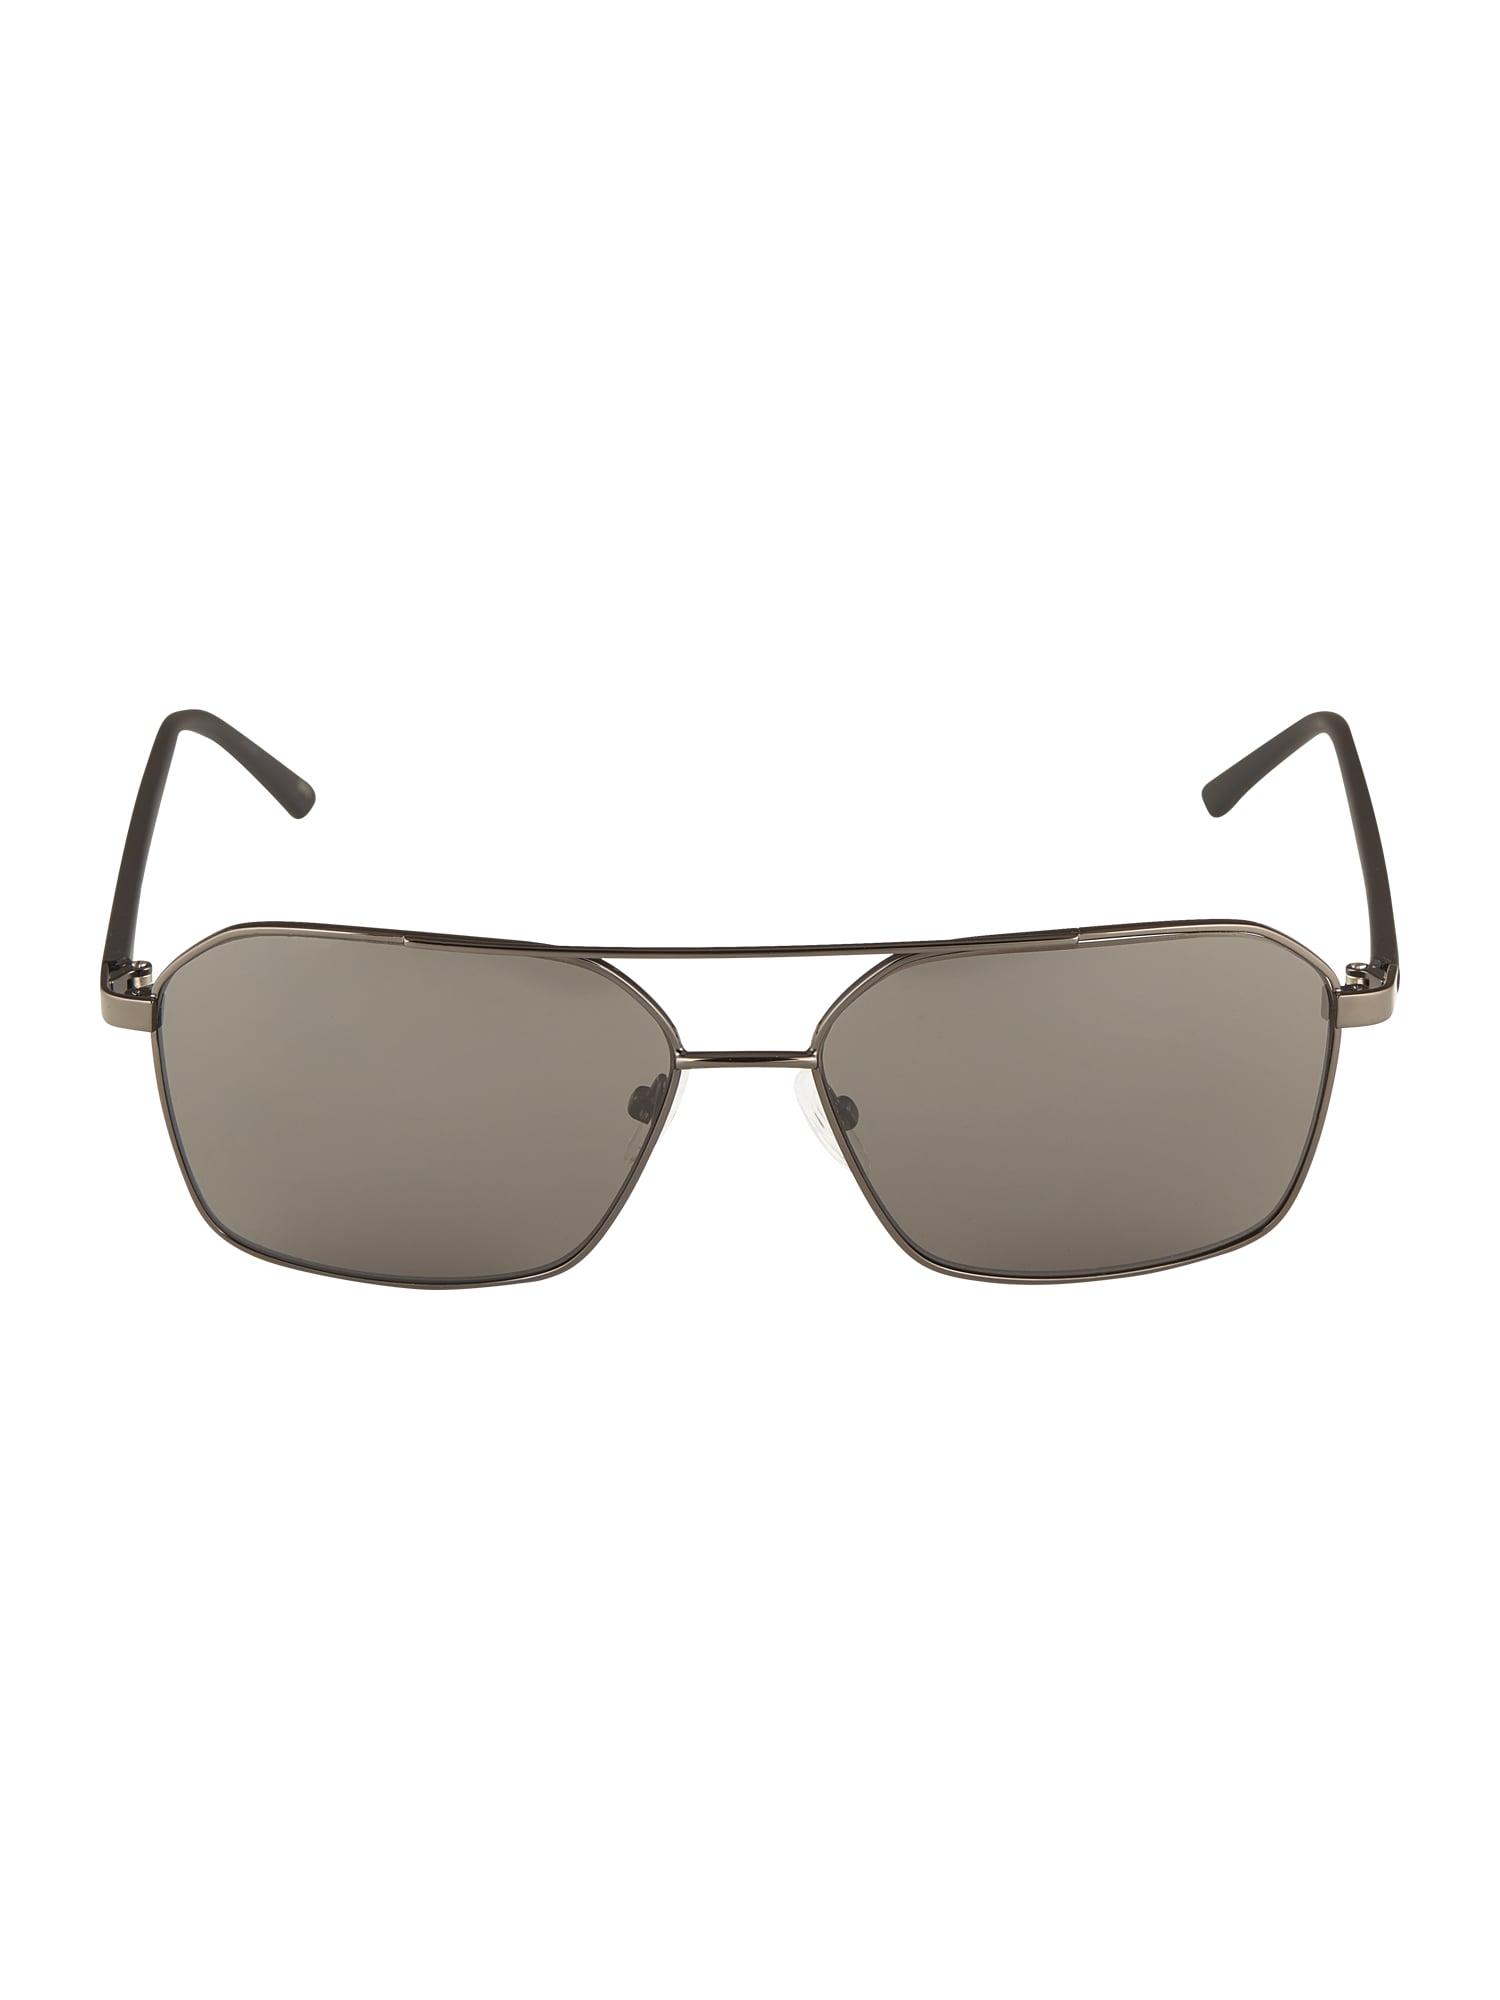 Calvin Klein Akiniai nuo saulės 'CK20300S' sidabro pilka